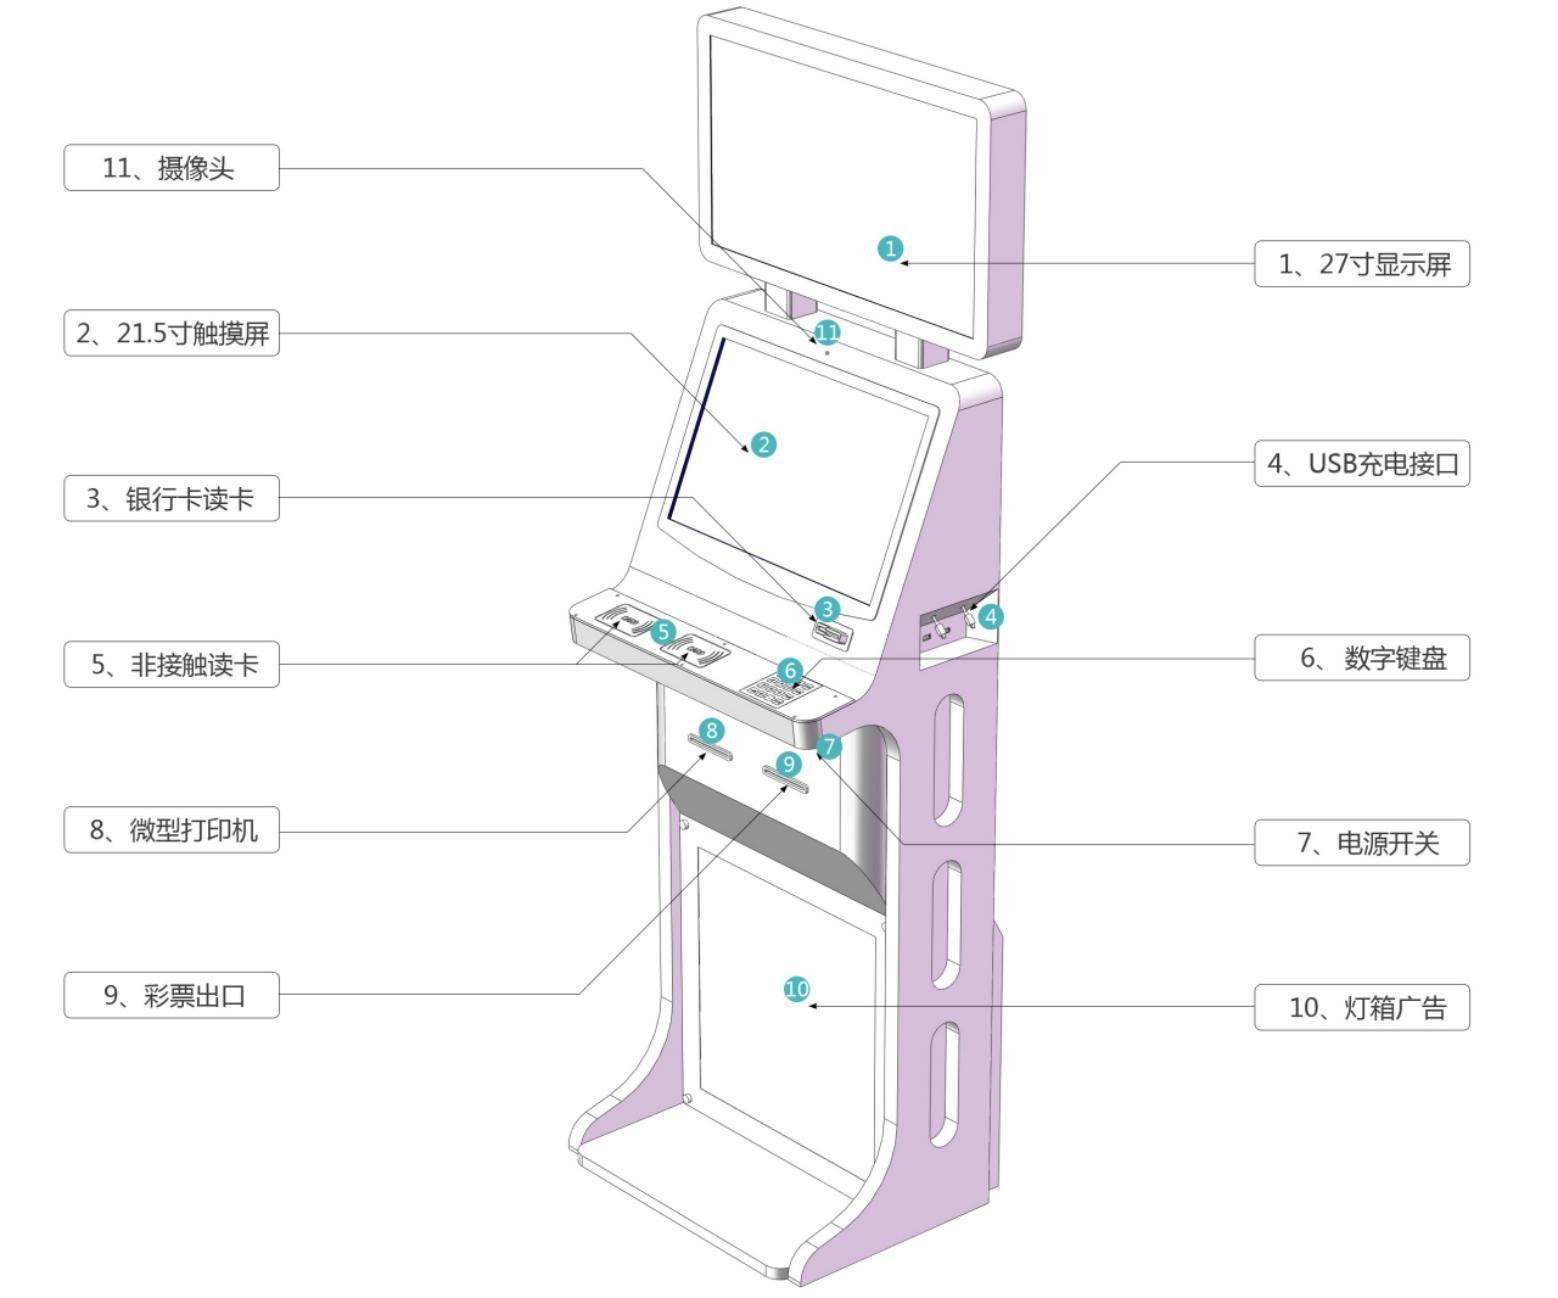 智能城市终端pz-21.5bdp/一体机,智能自助设备